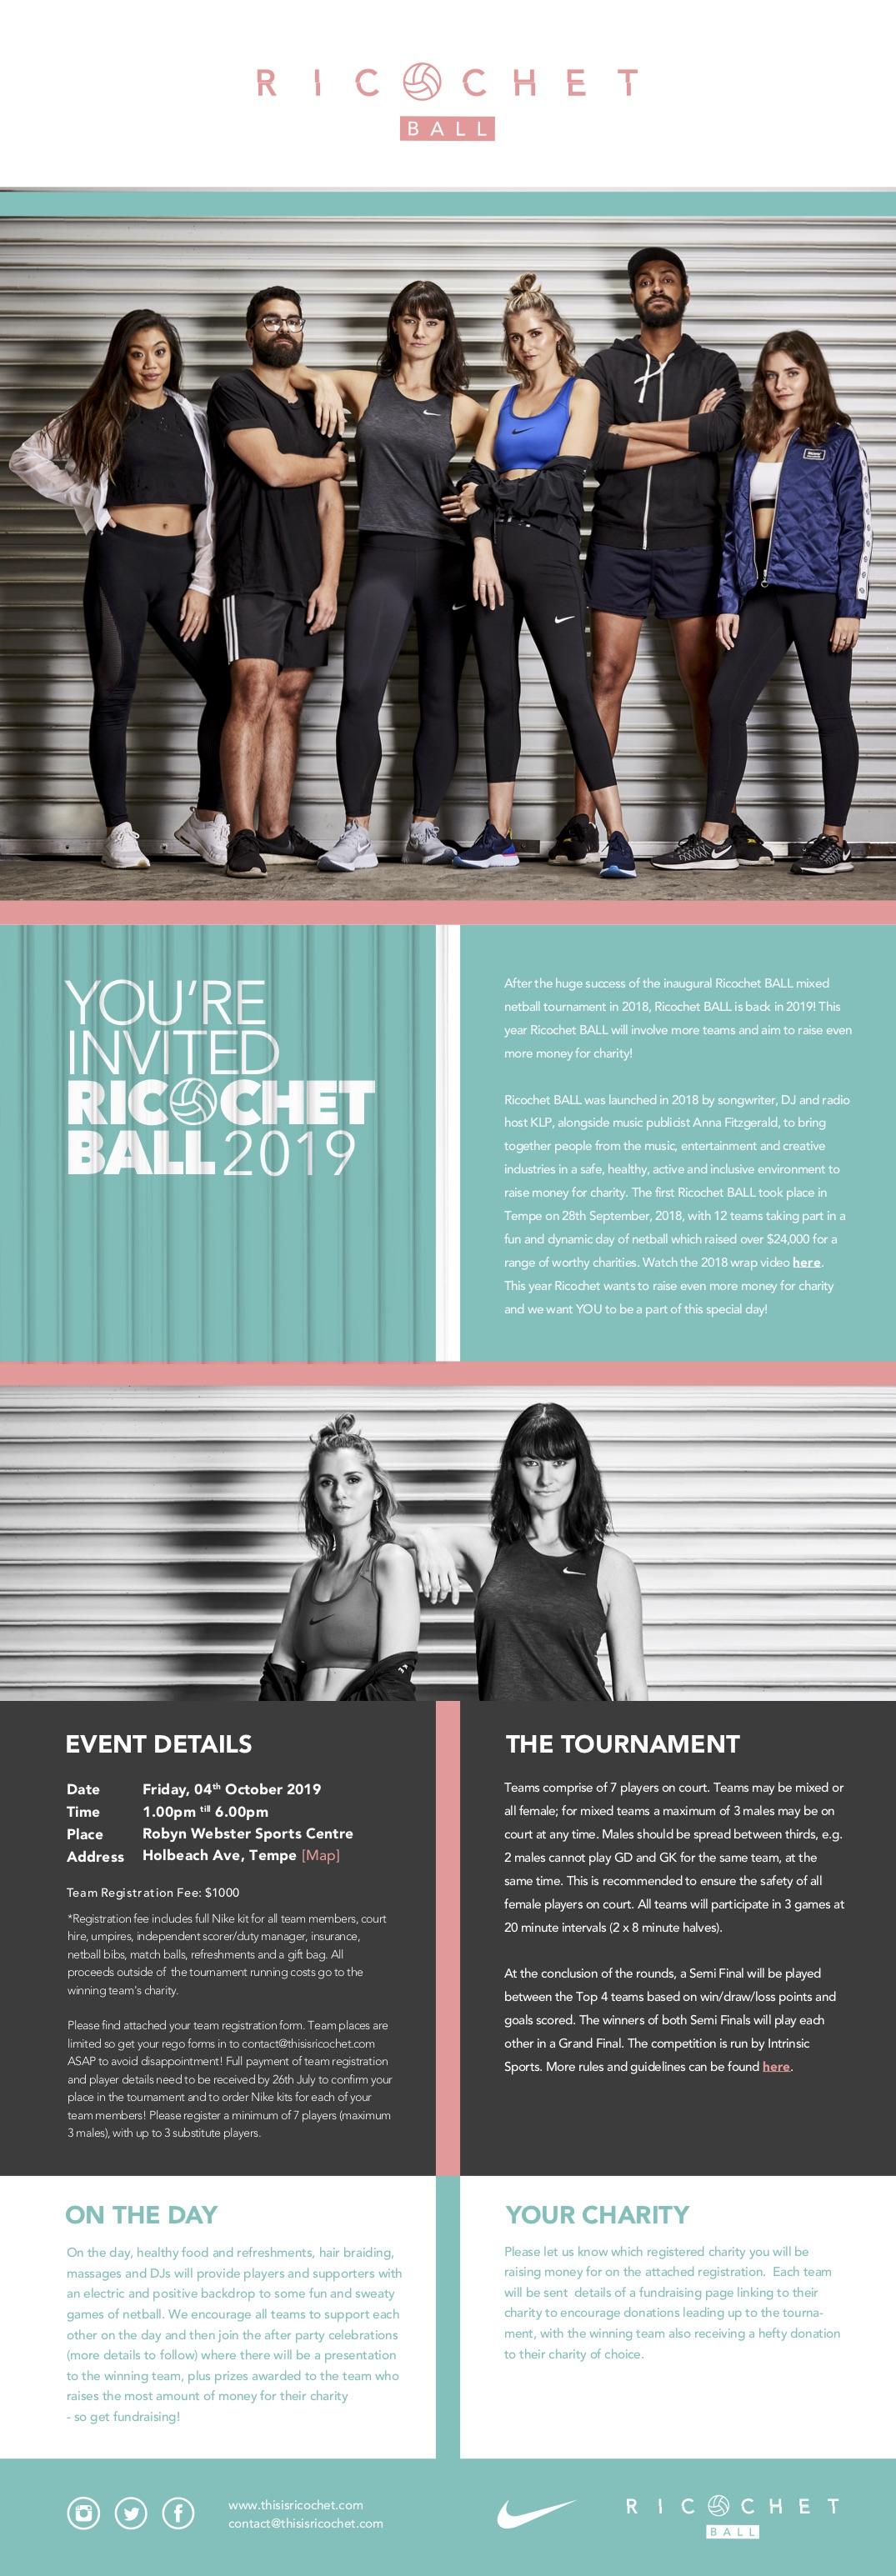 Ricochet BALL_Invite2019 copy.jpg